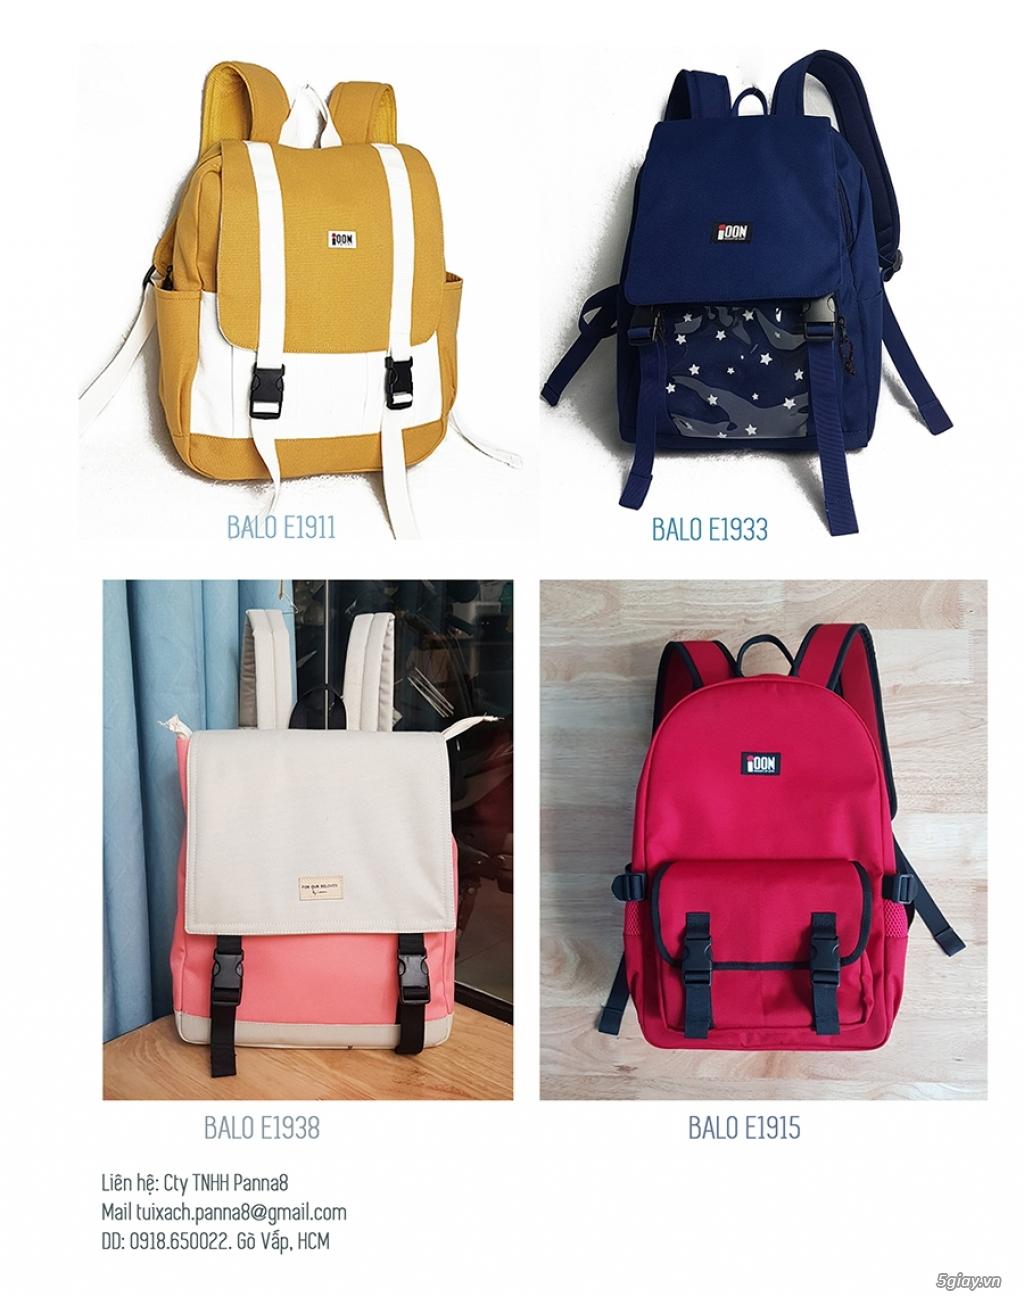 Tuyển đại lý thời trang Balo túi xách - Công ty Panna8